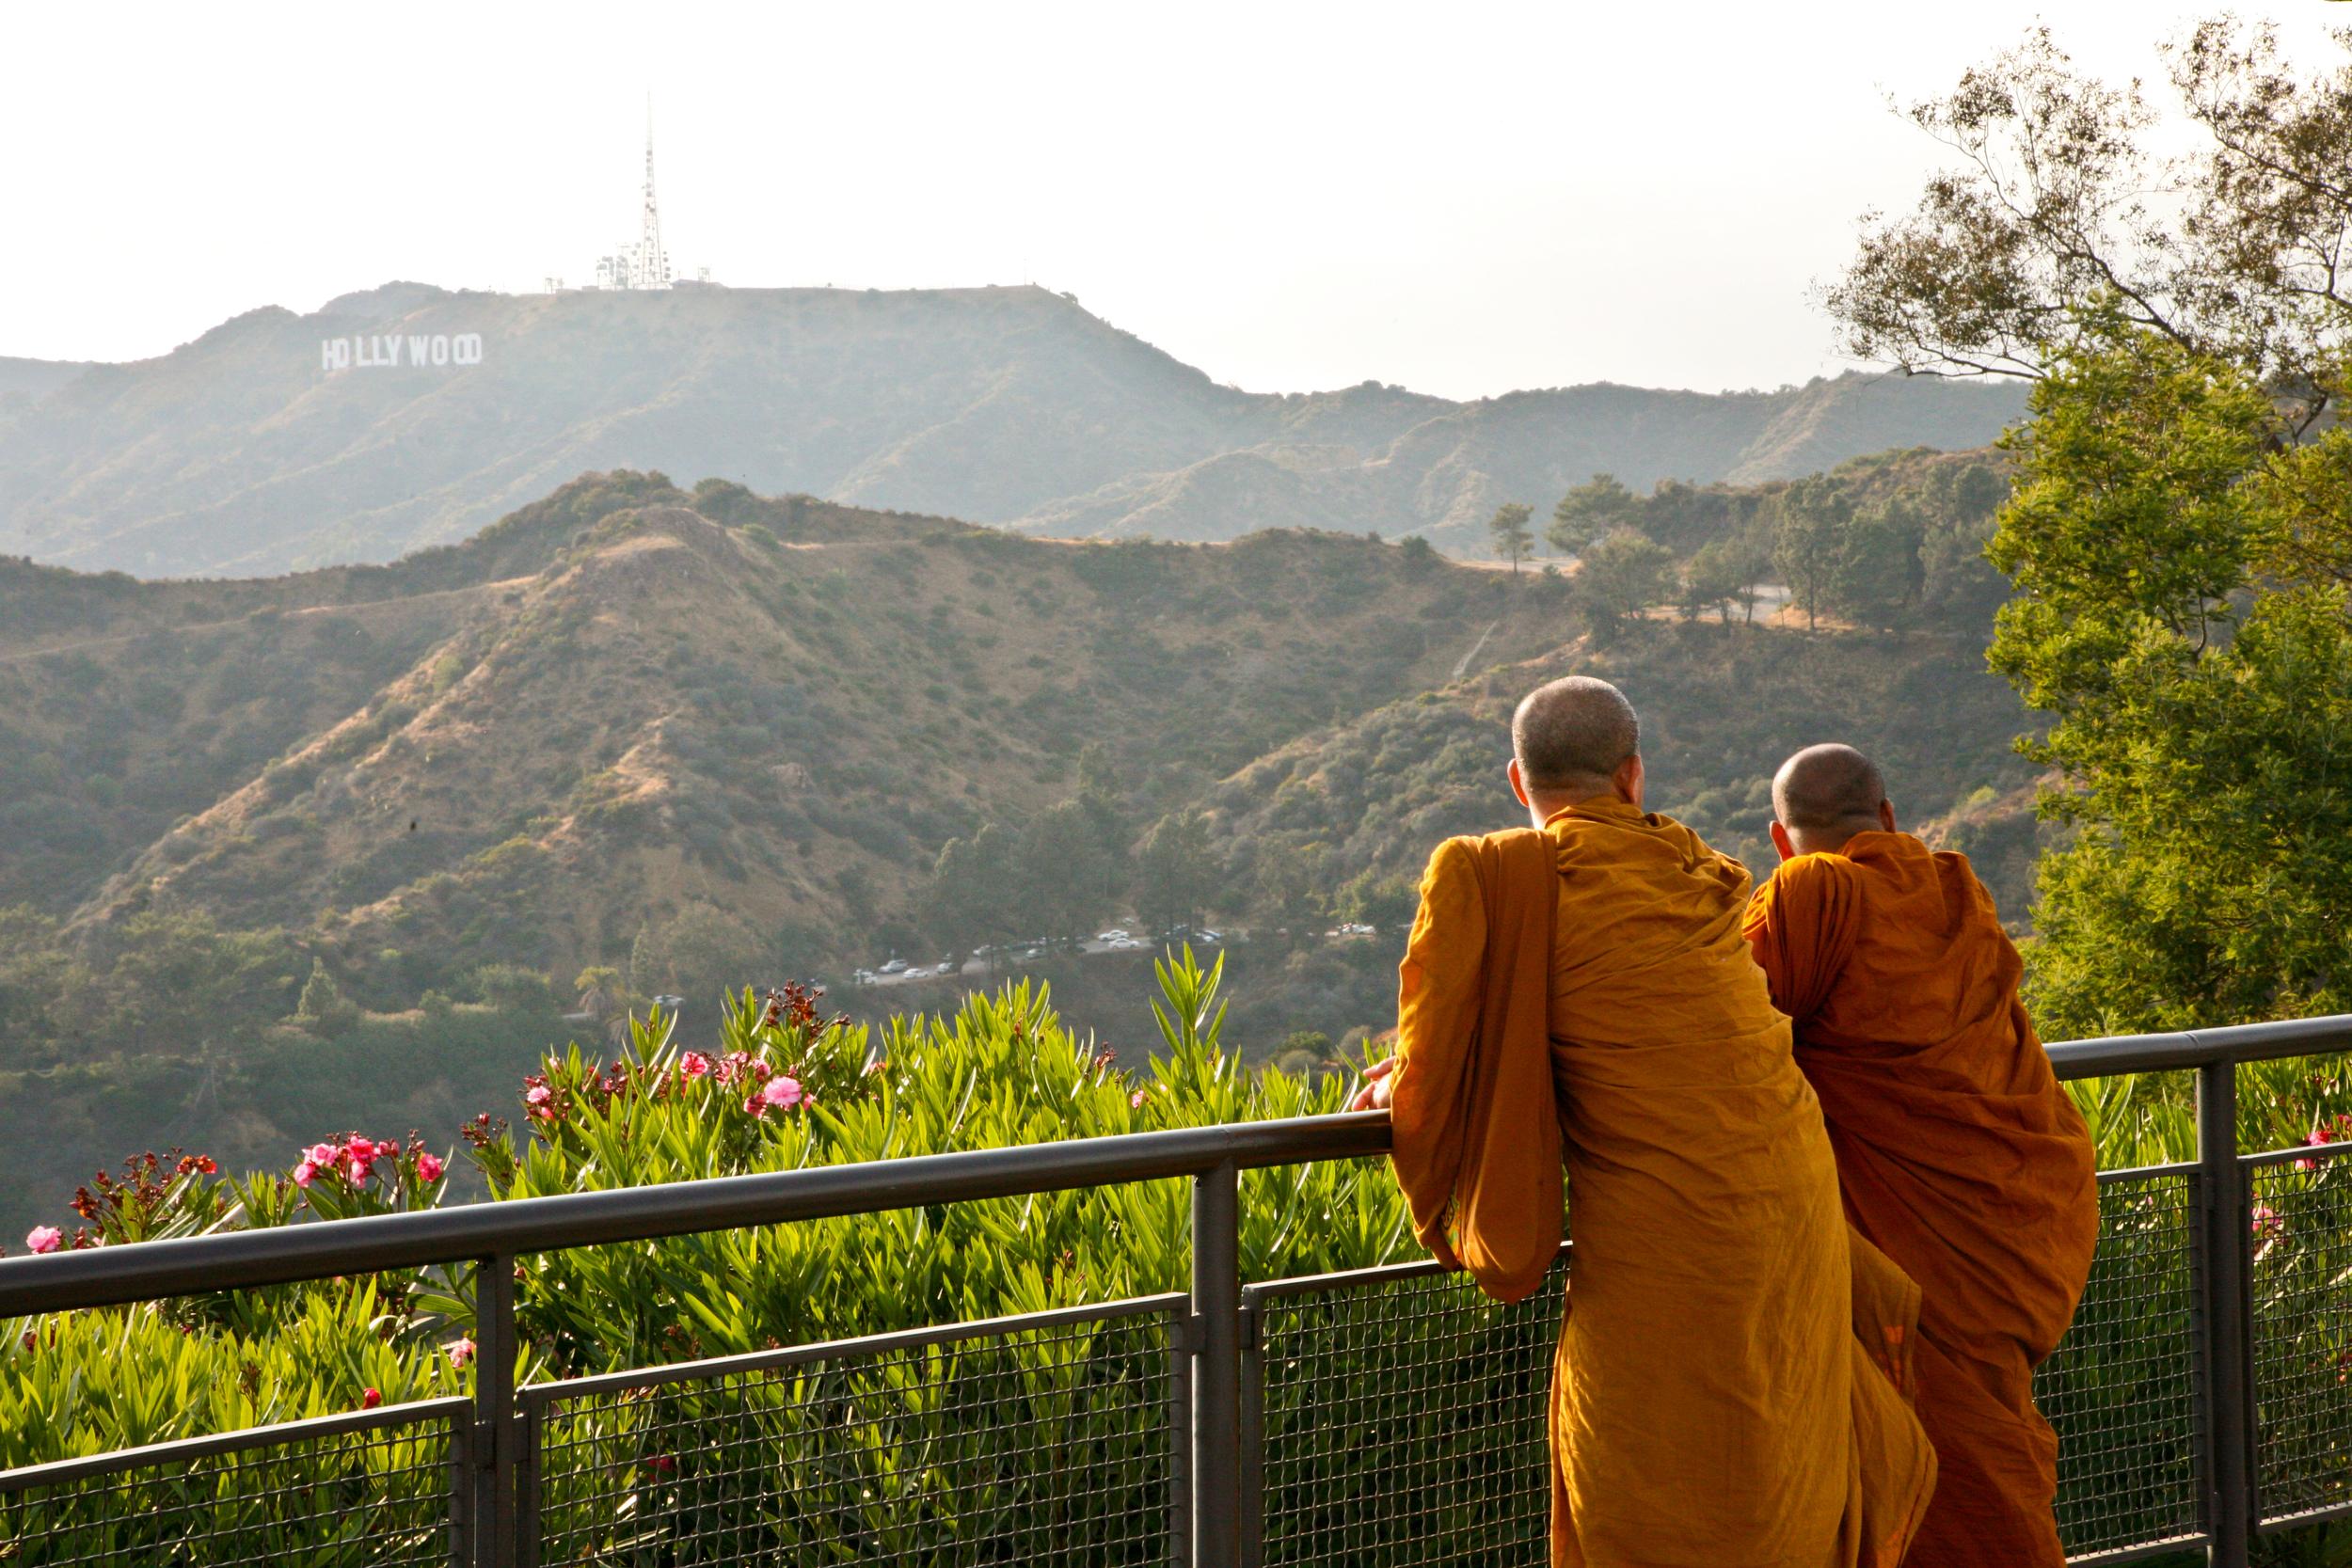 H_Sign_Monks (1 of 1)lighter.jpg